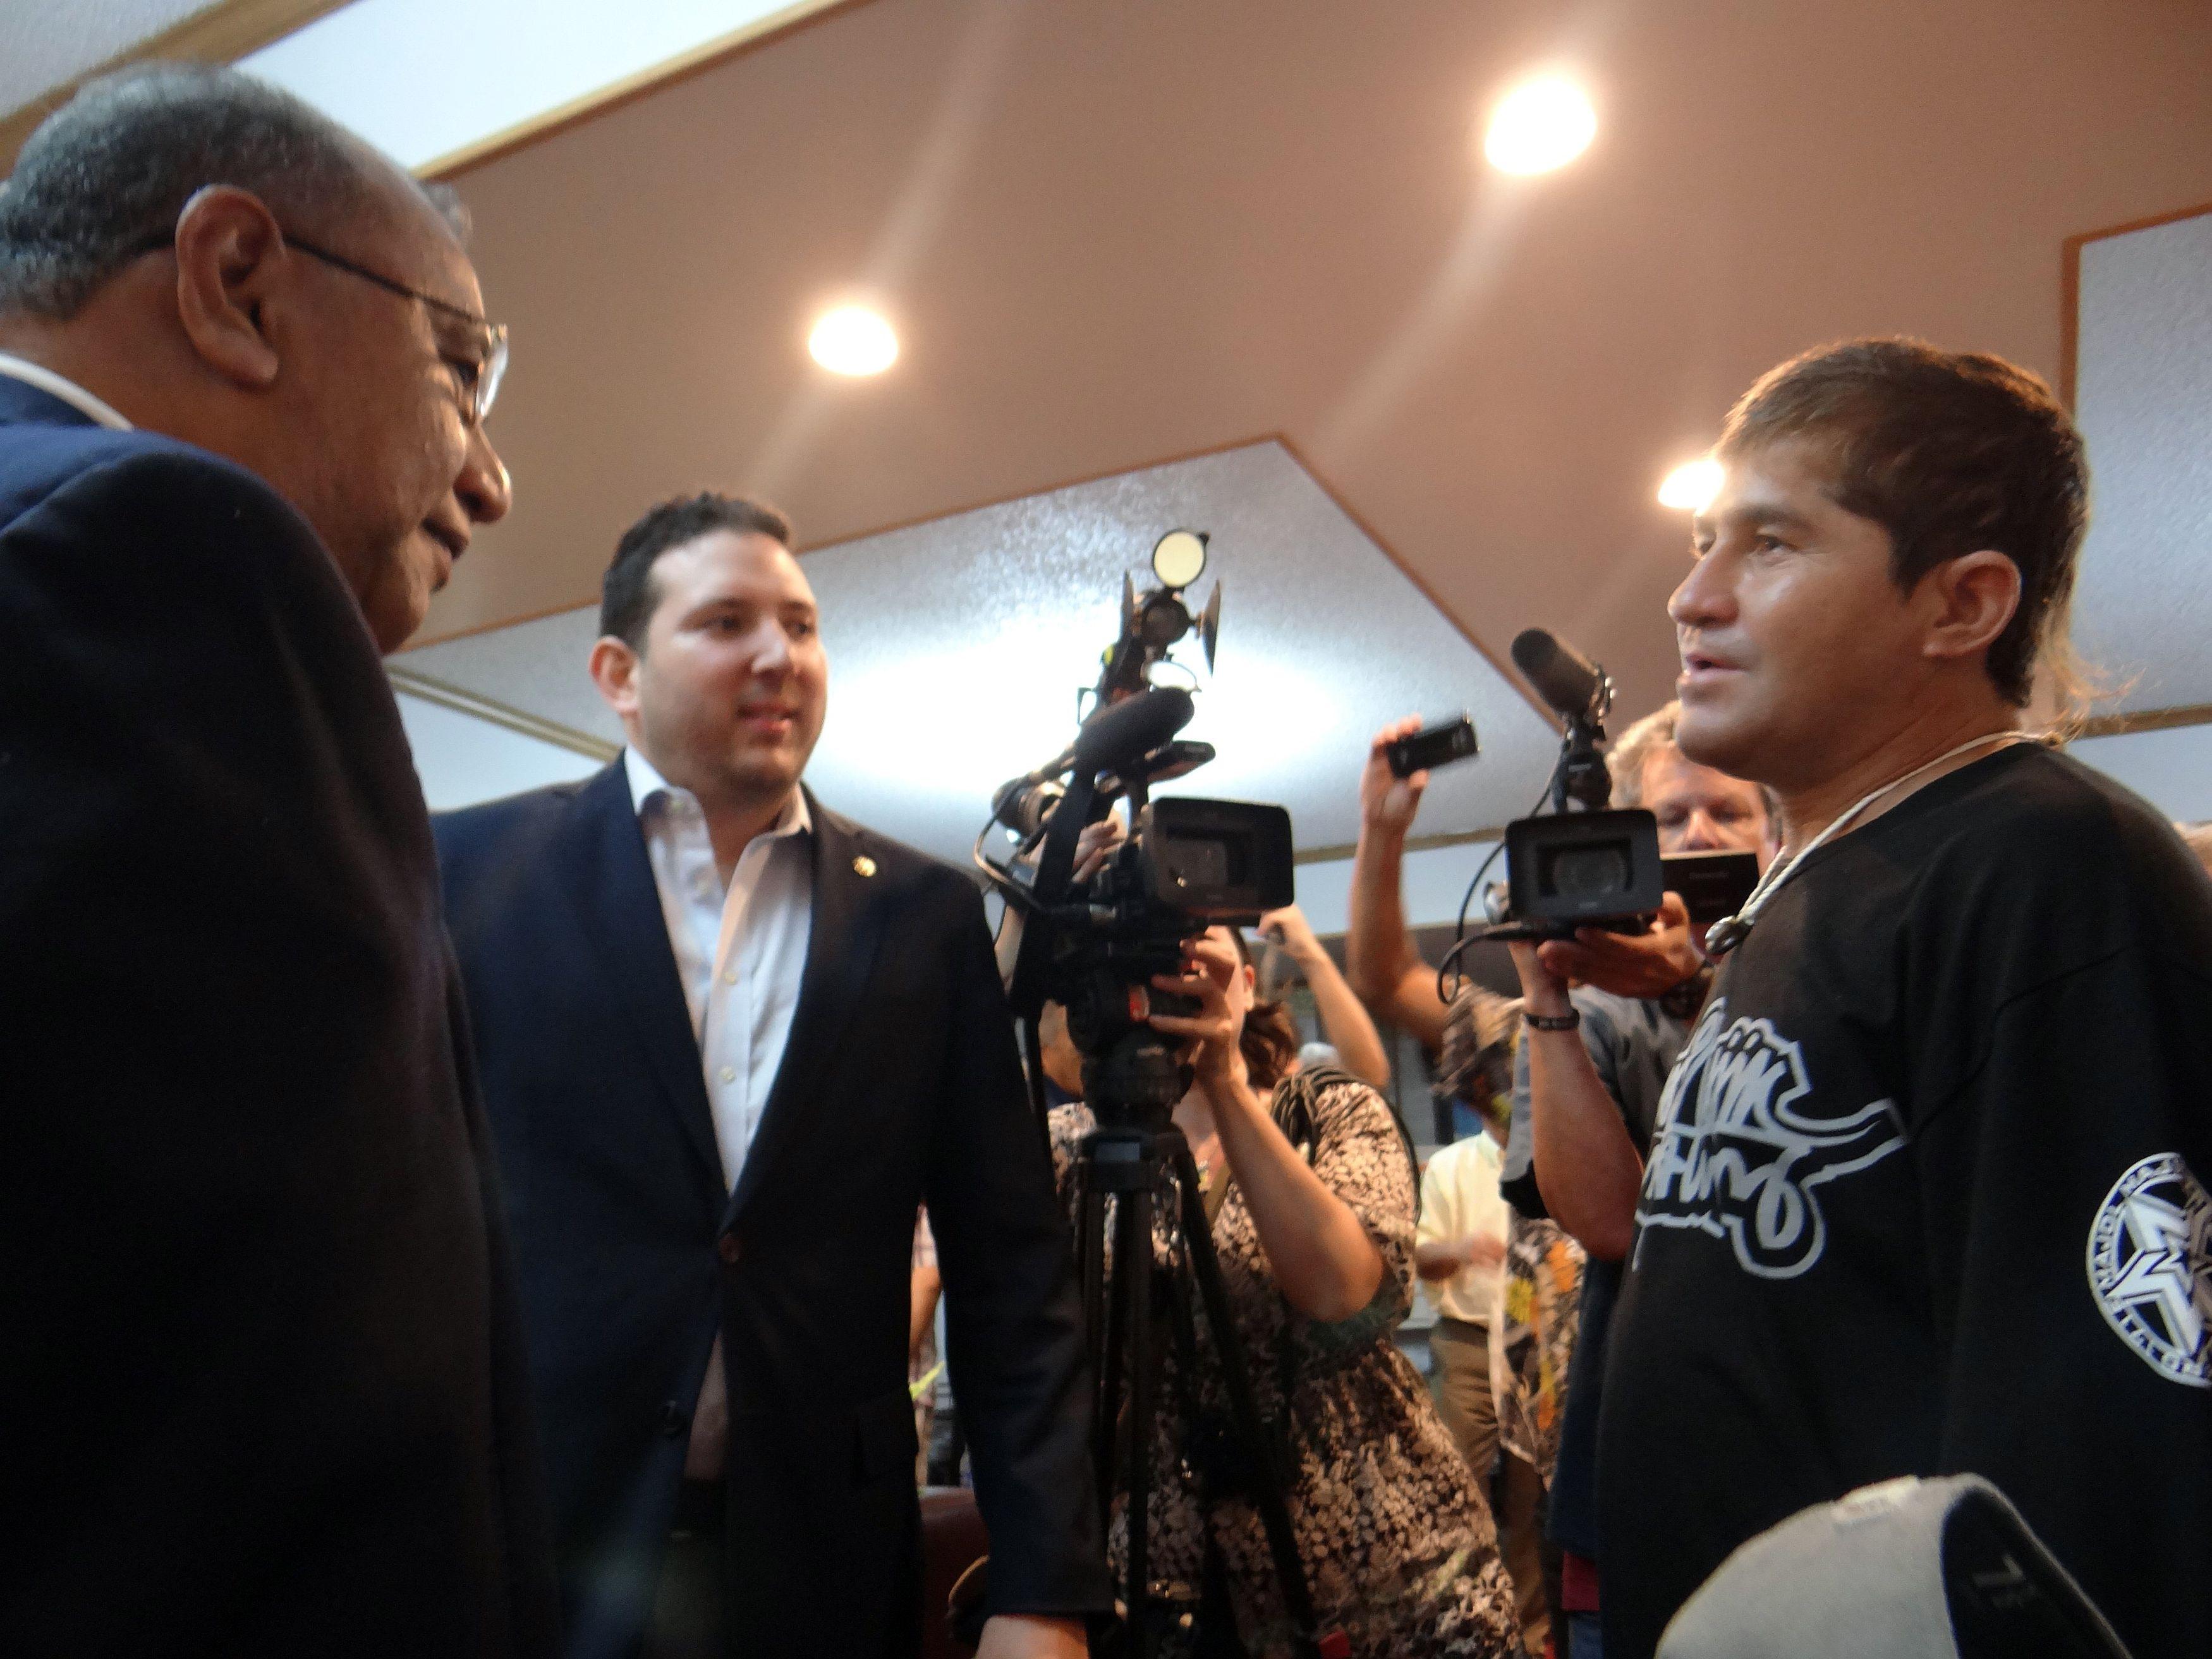 José Salvador Alvarenga conversa com o presidente das Ilhas Marshall, Christopher Loeak, antes de embarcar nesta segunda-feira, dia 10. / Hilary Hosia/AFP Photo